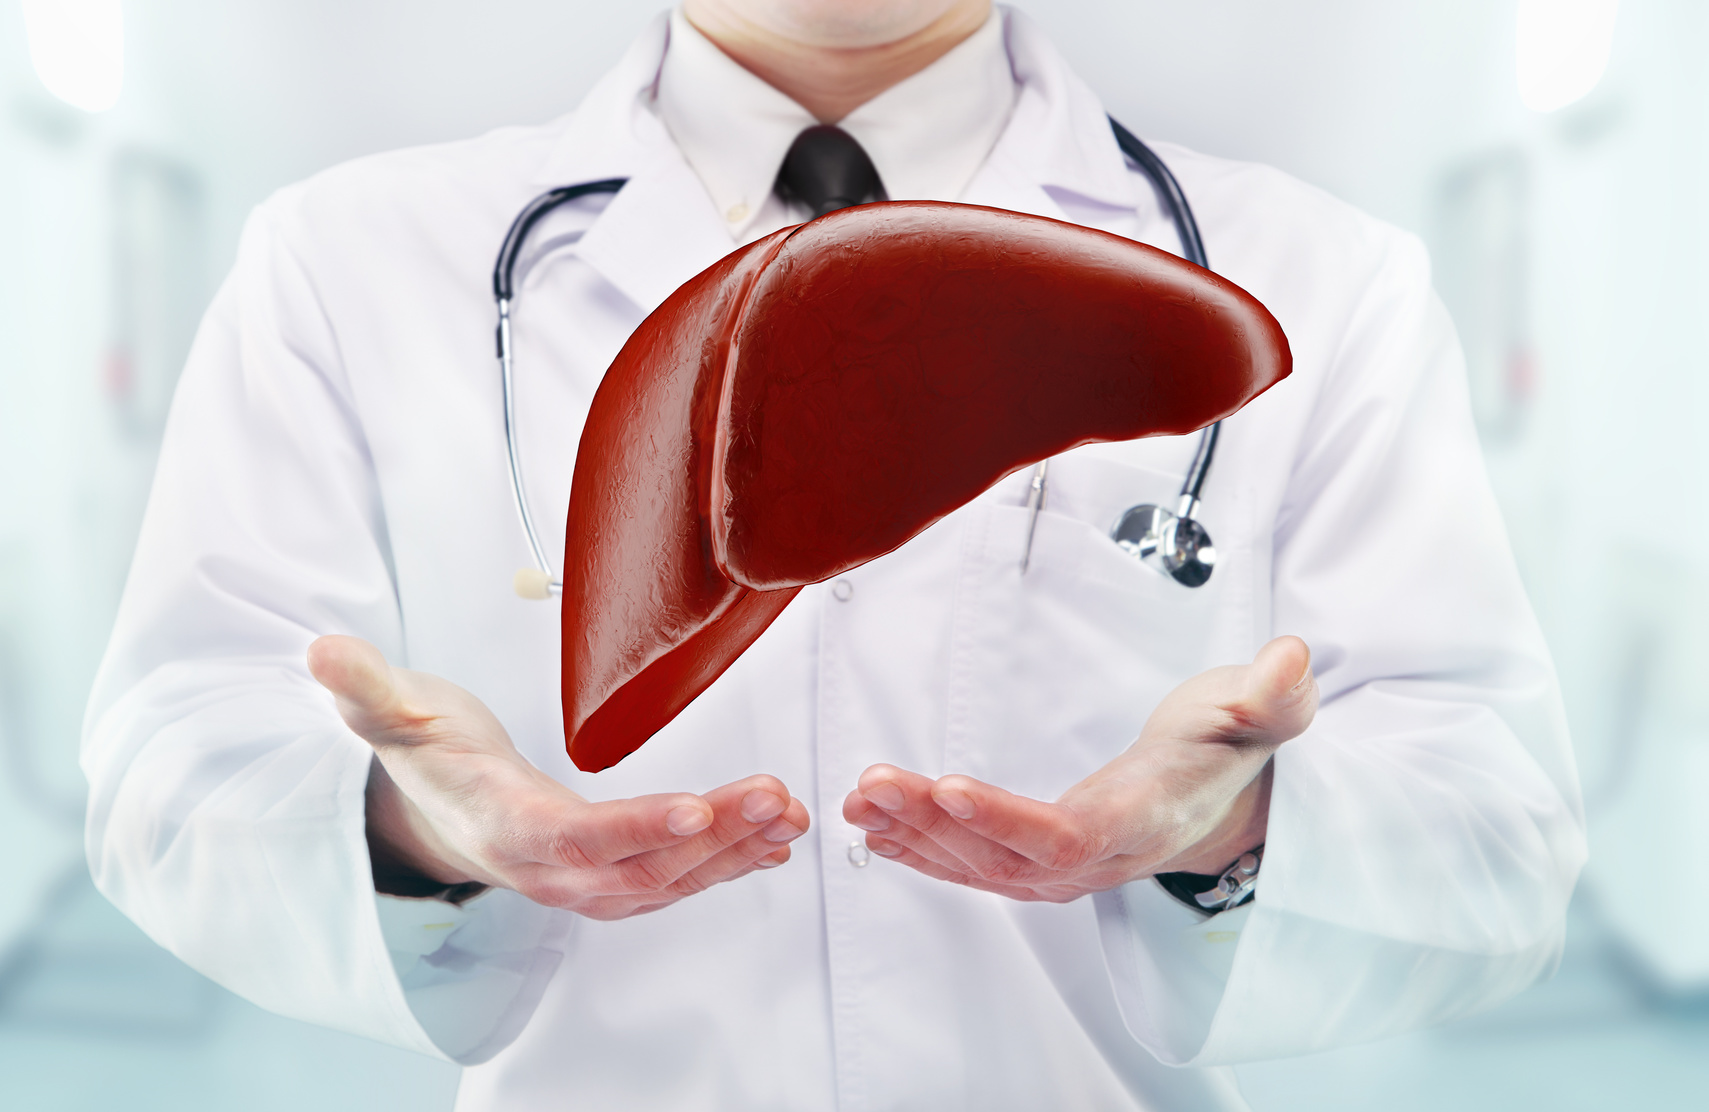 肝移植は経験症例数の多い名医の方が胆道合併症が少ない!